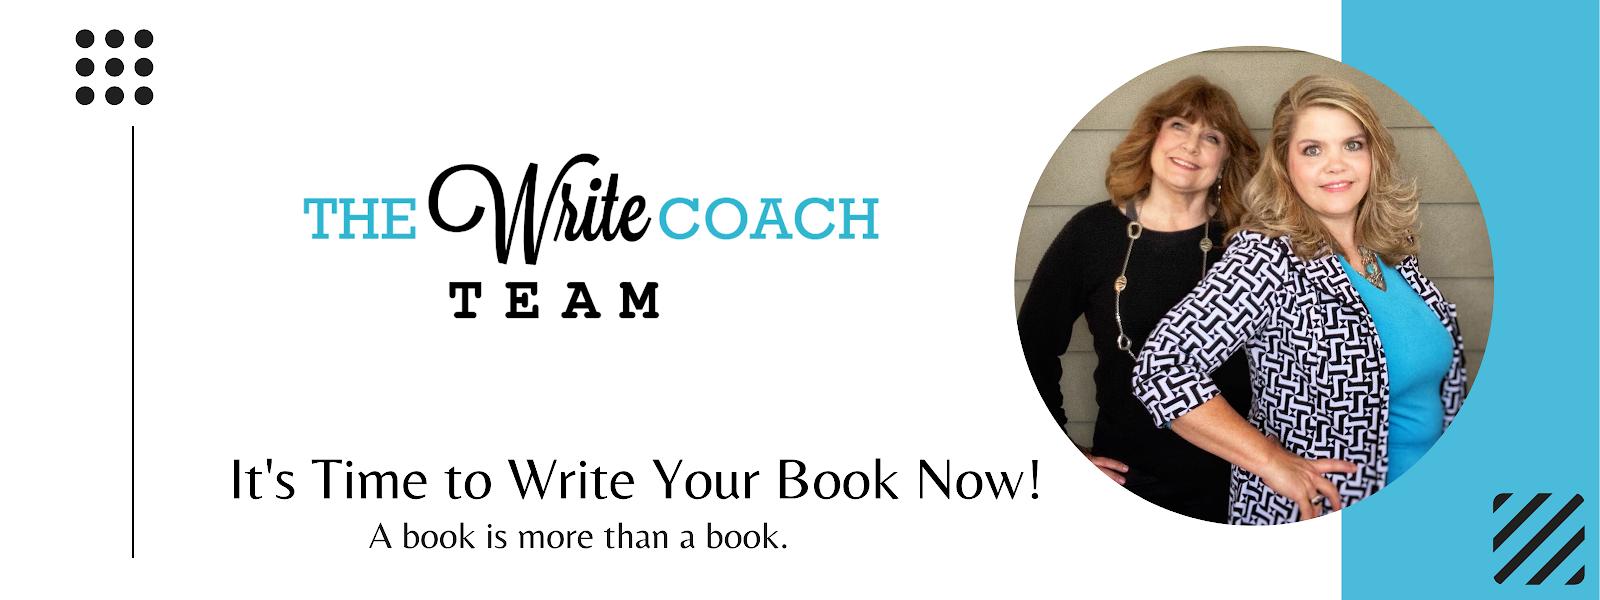 The Write Coach Team